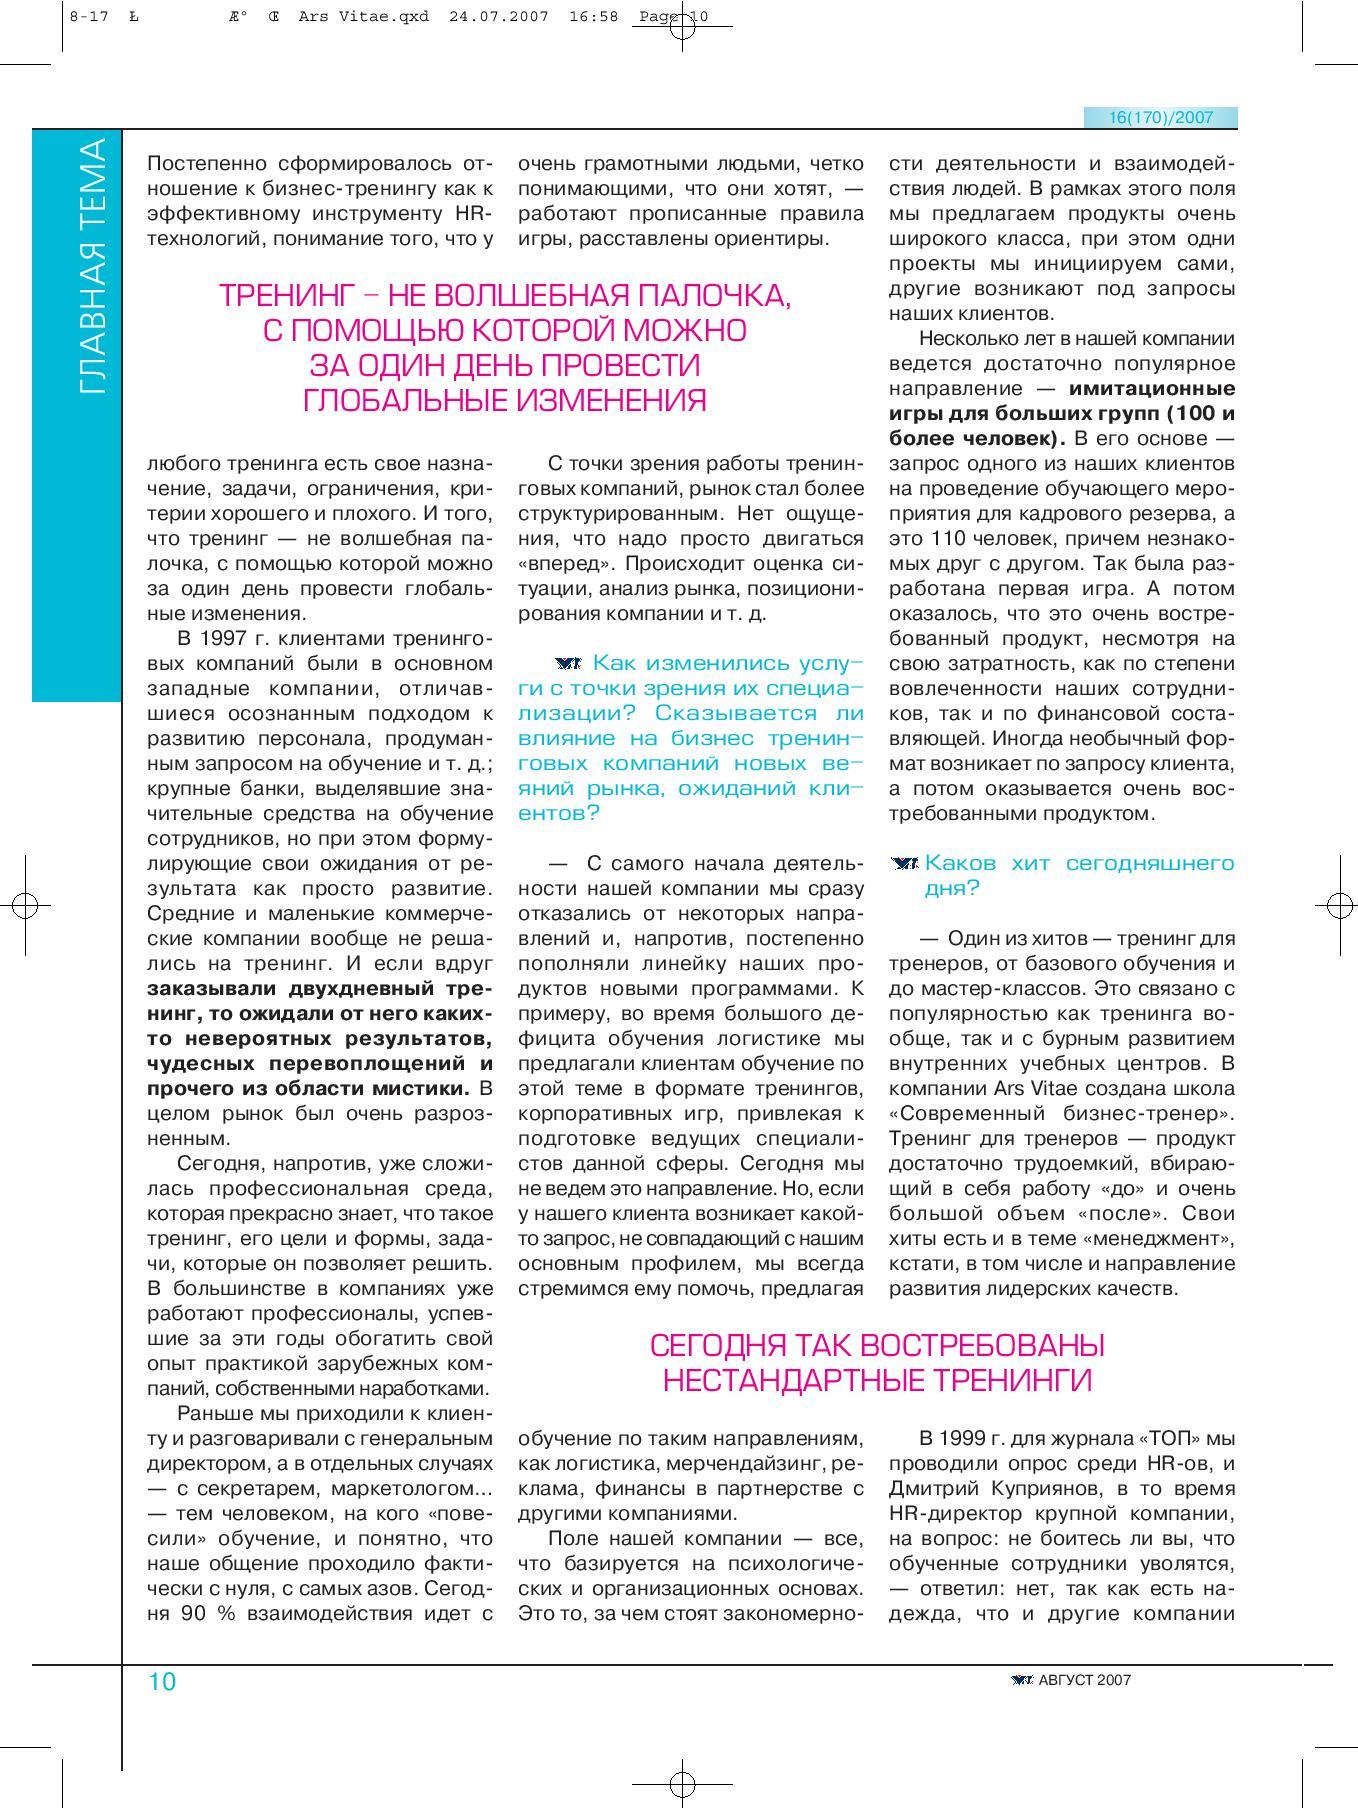 8-17__intervyu_oblozhka_Ars_Vitae-page-003.jpg